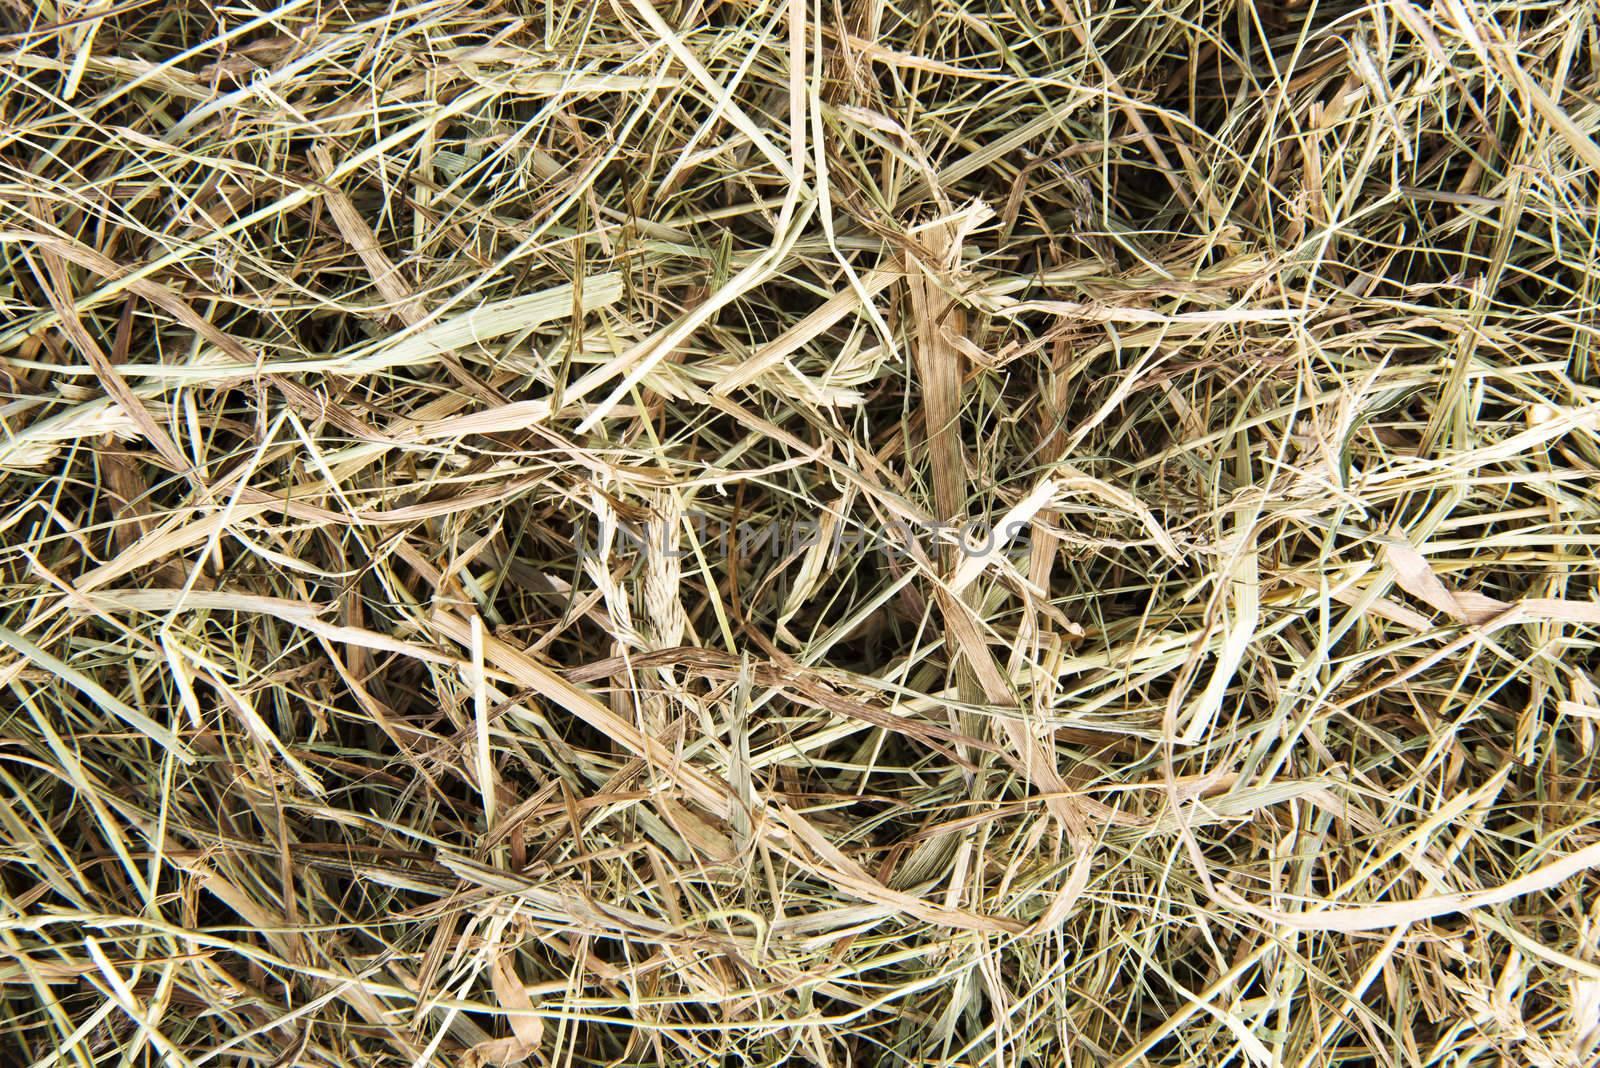 Golden hay texture